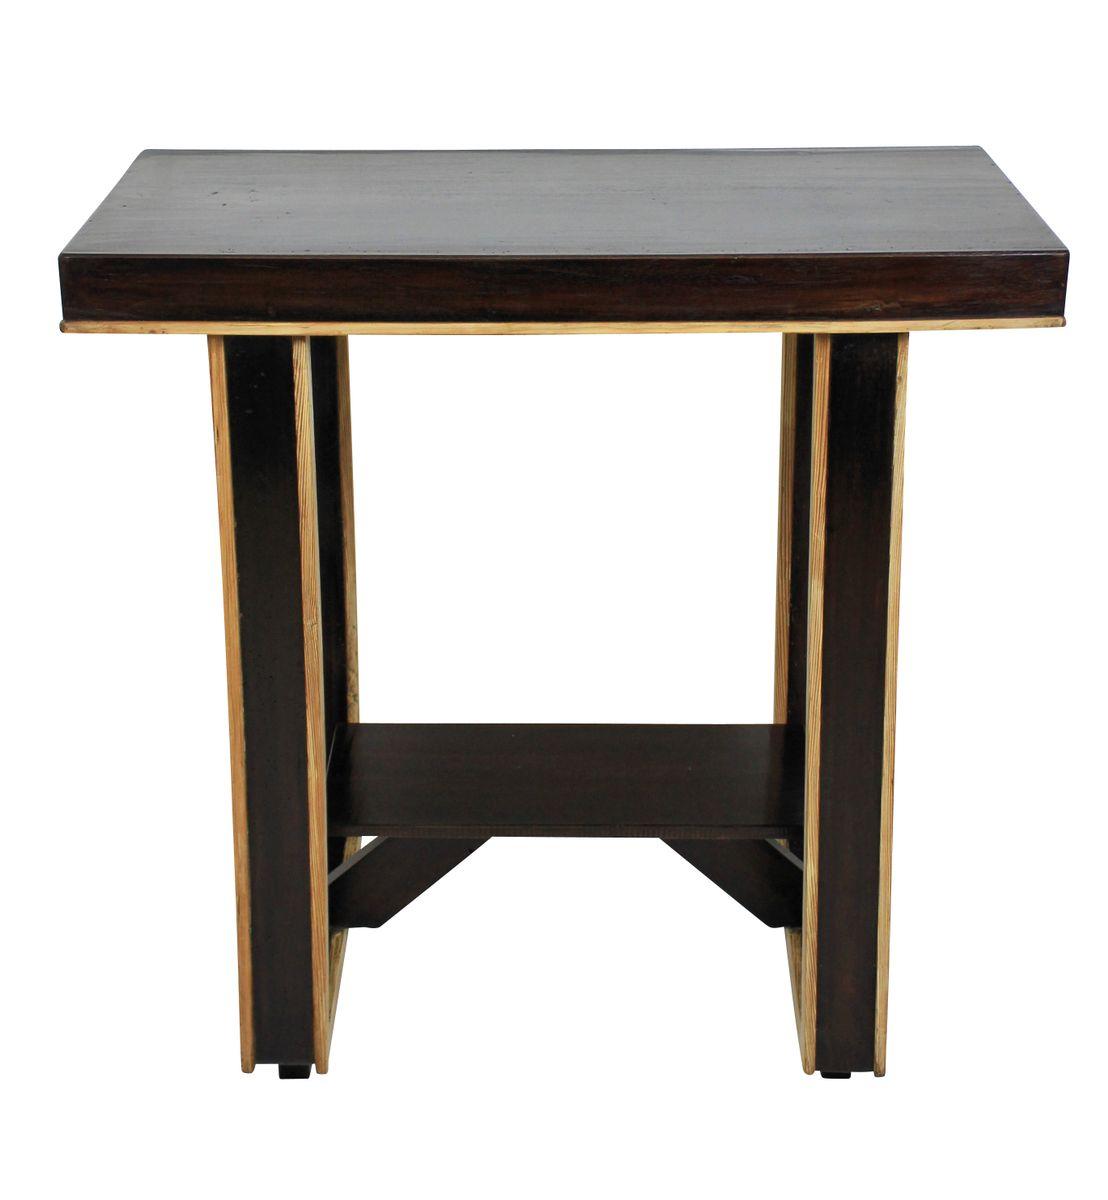 table d 39 appoint vintage bicolore italie en vente sur pamono. Black Bedroom Furniture Sets. Home Design Ideas